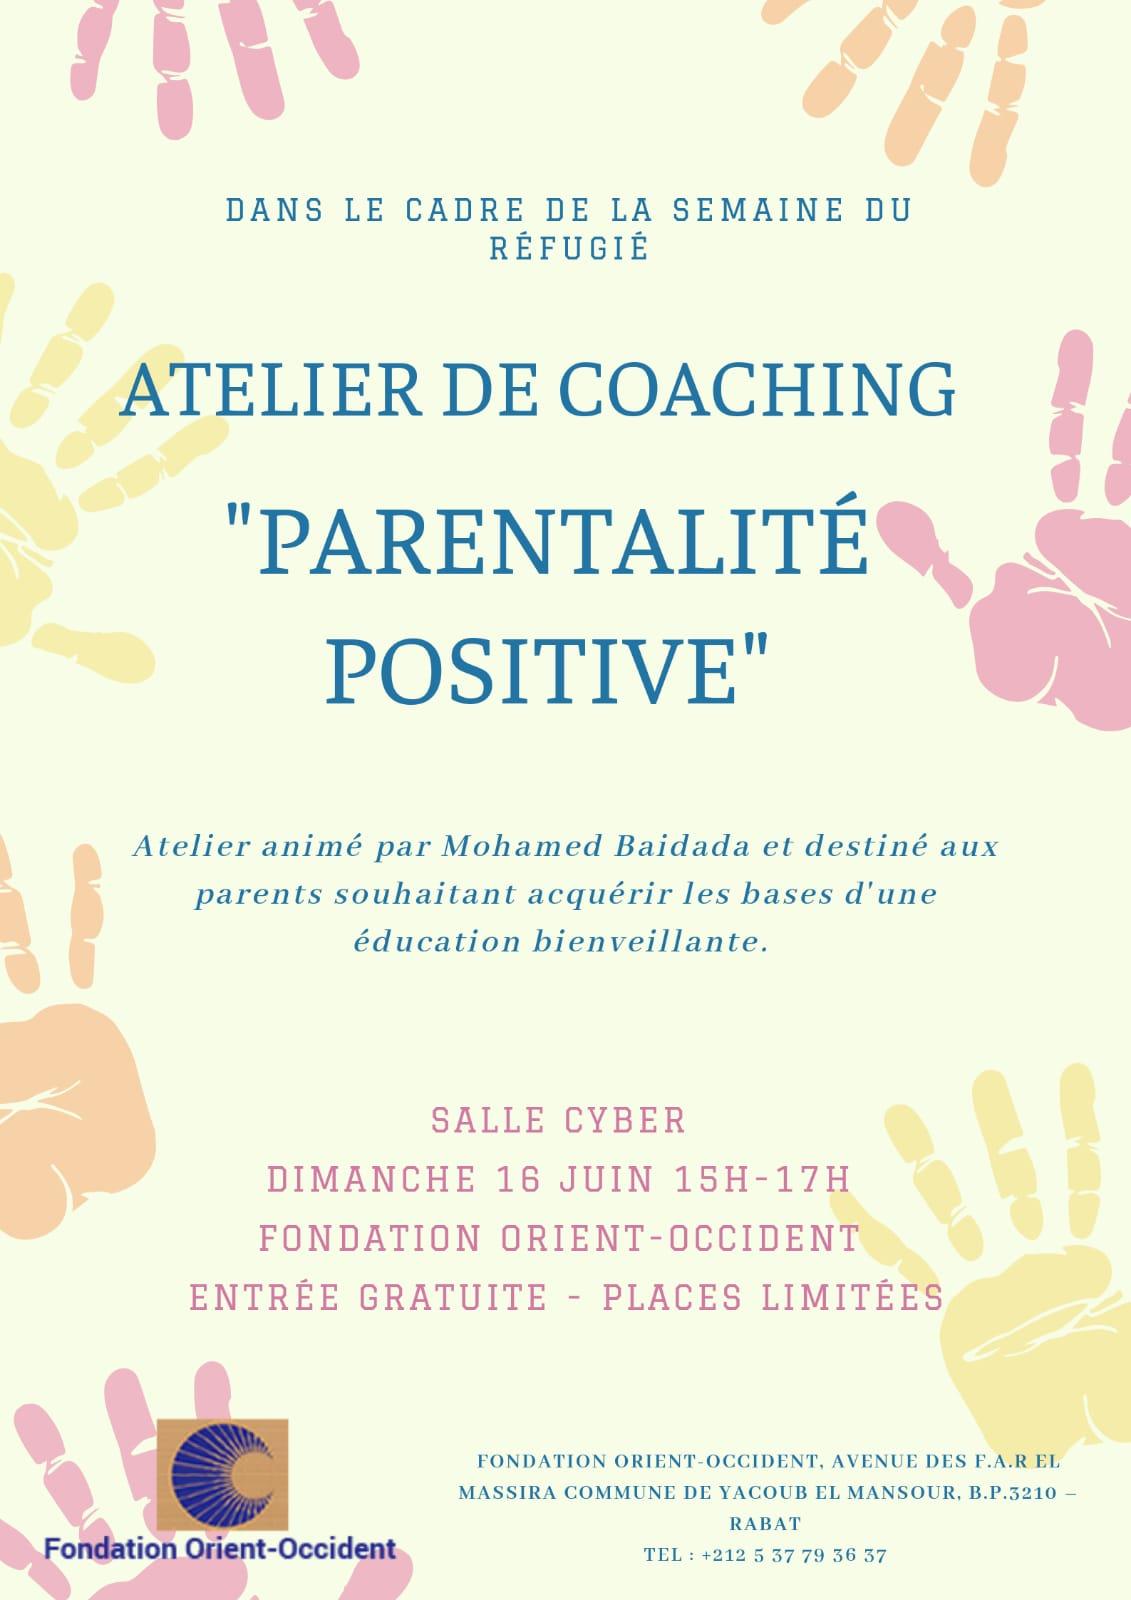 Atelier de coaching – «Parentalité positive», organisé par la Fondation Orient-Occident dans le cadre de la semaine du réfugié